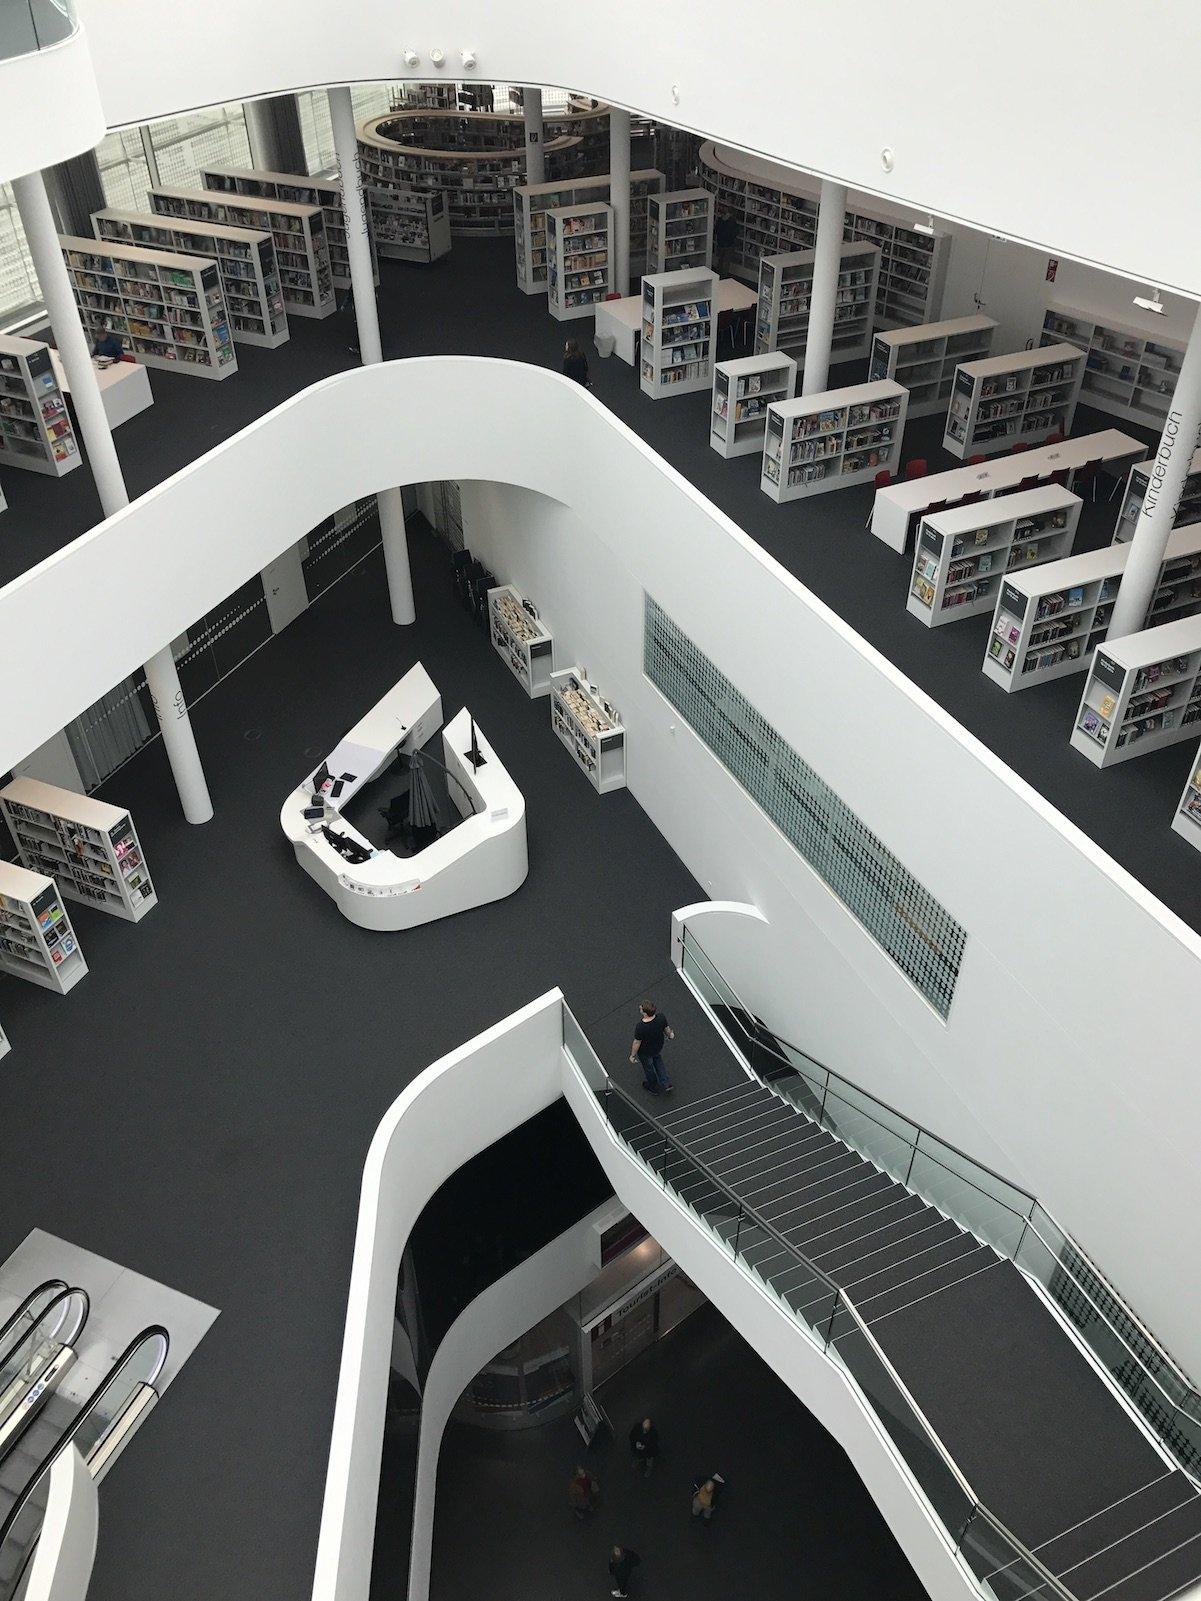 Blick von oben in die Stadtbibliothek Koblenz